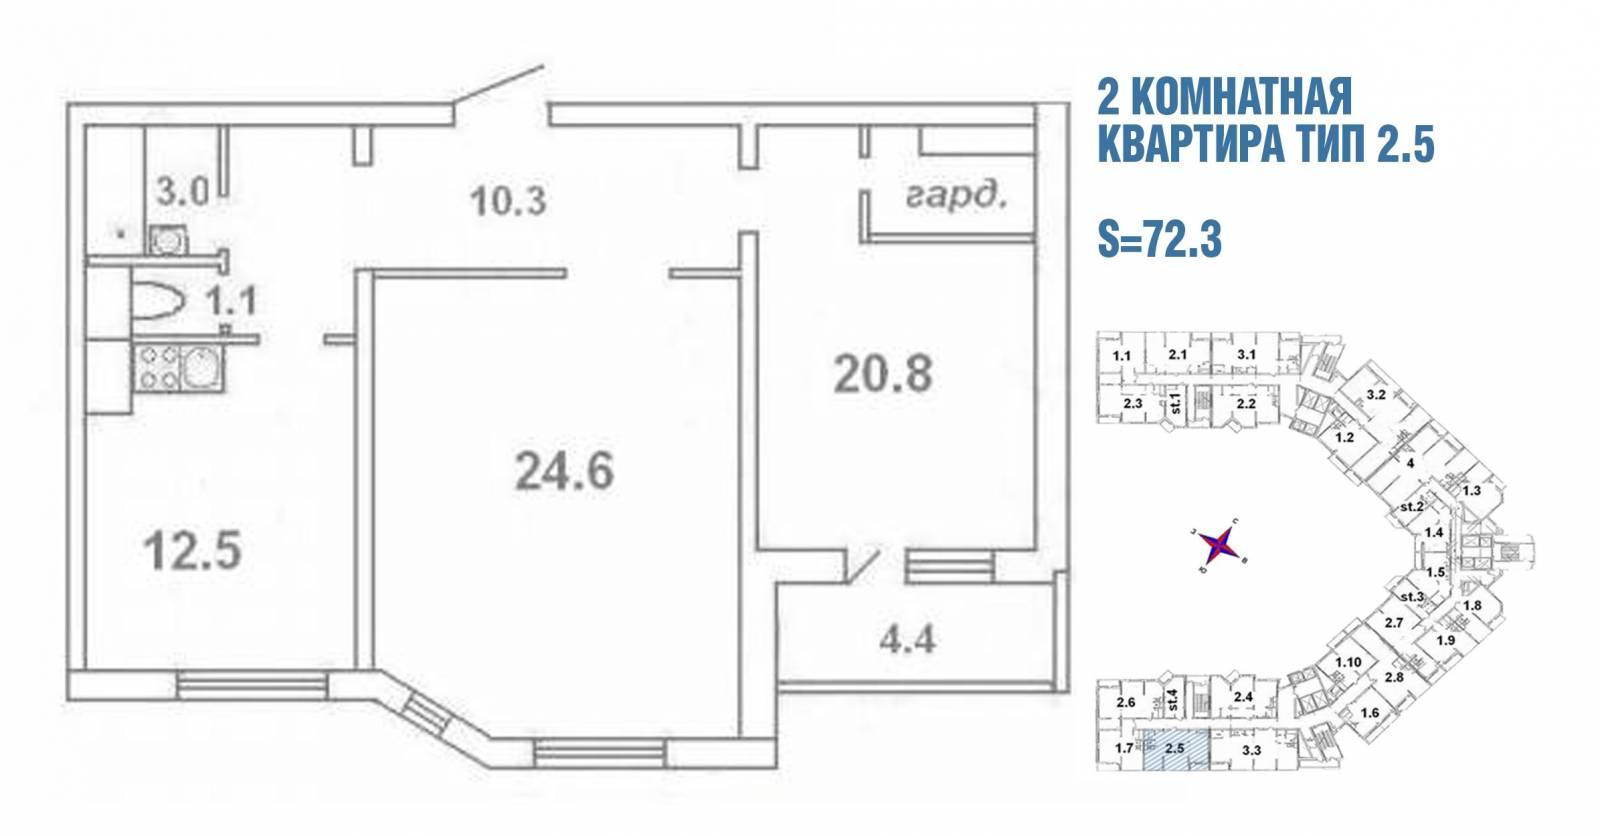 2-х комнатные квартиры тип 2.5 - 72,3 кв.м.